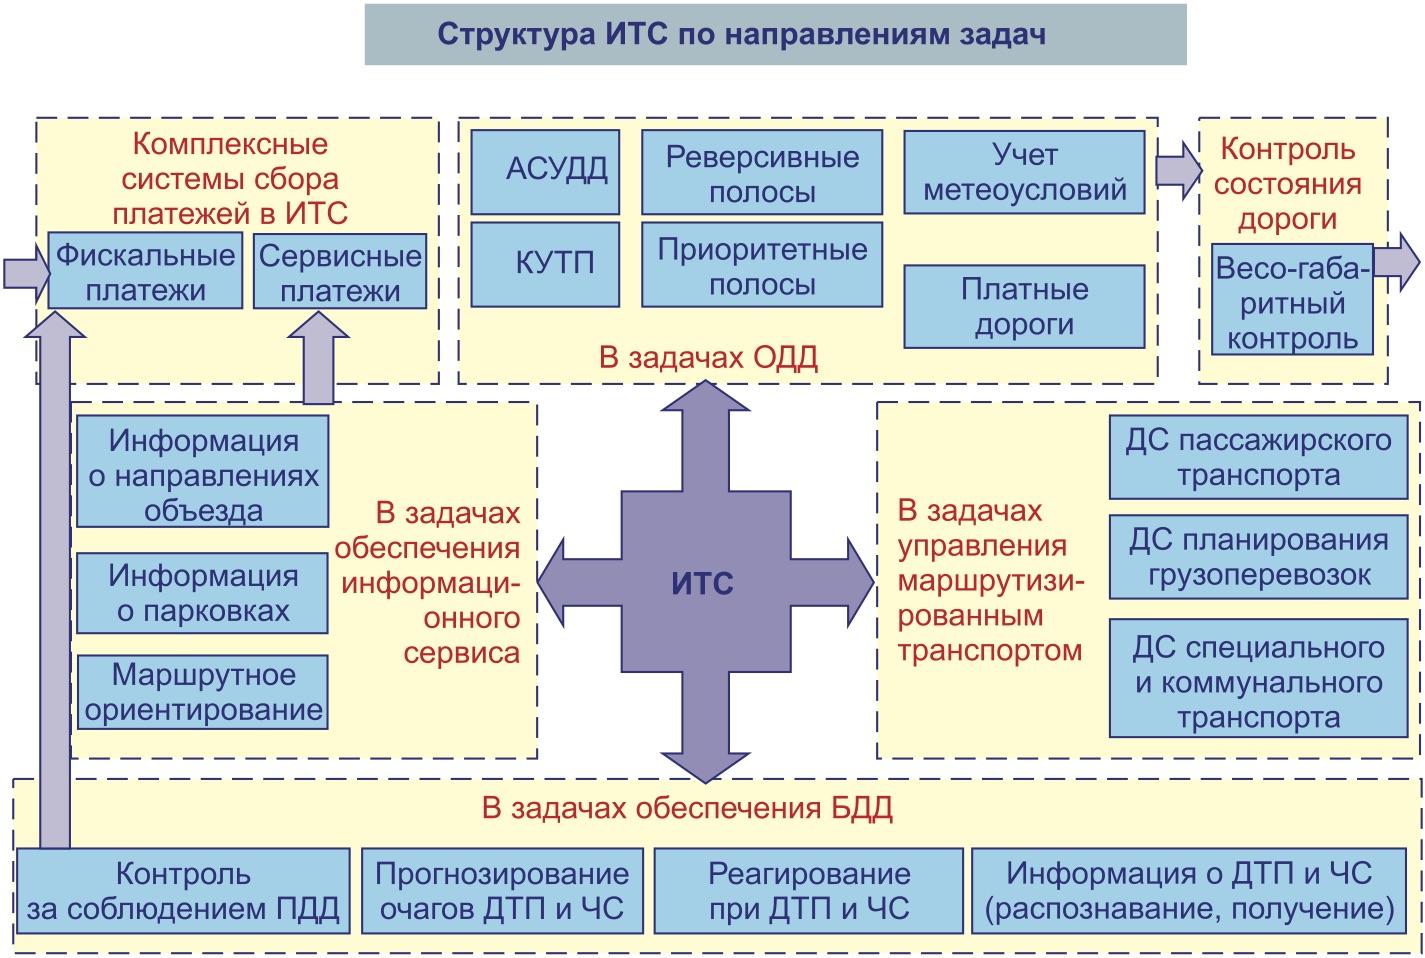 Основные задачи ИТС